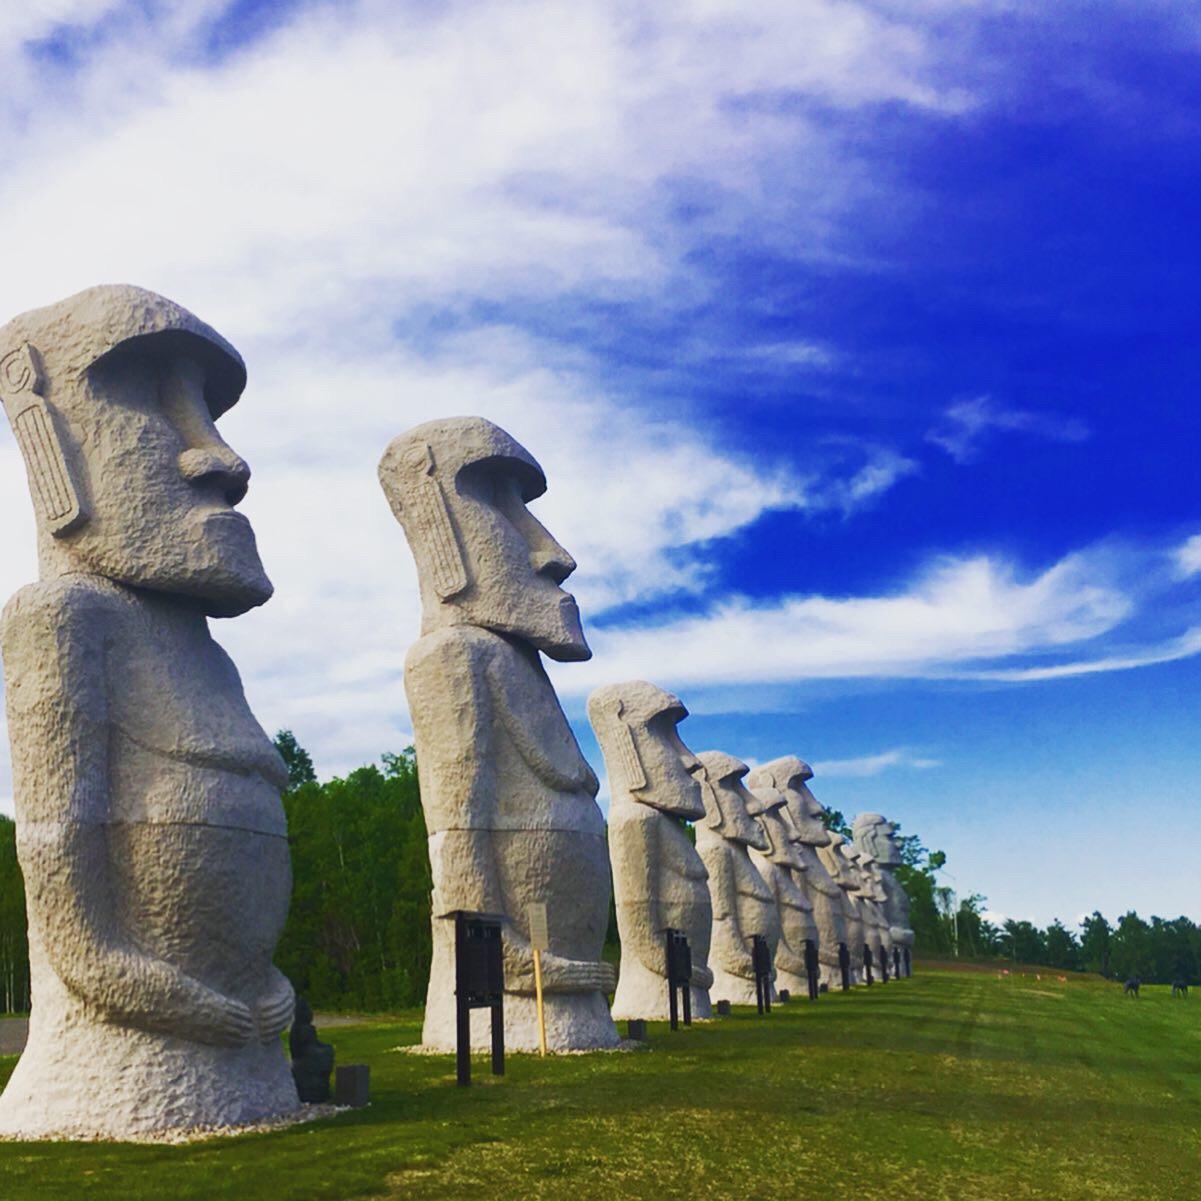 イースター島のモアイ像を越えた!?日本最大級のモアイ群